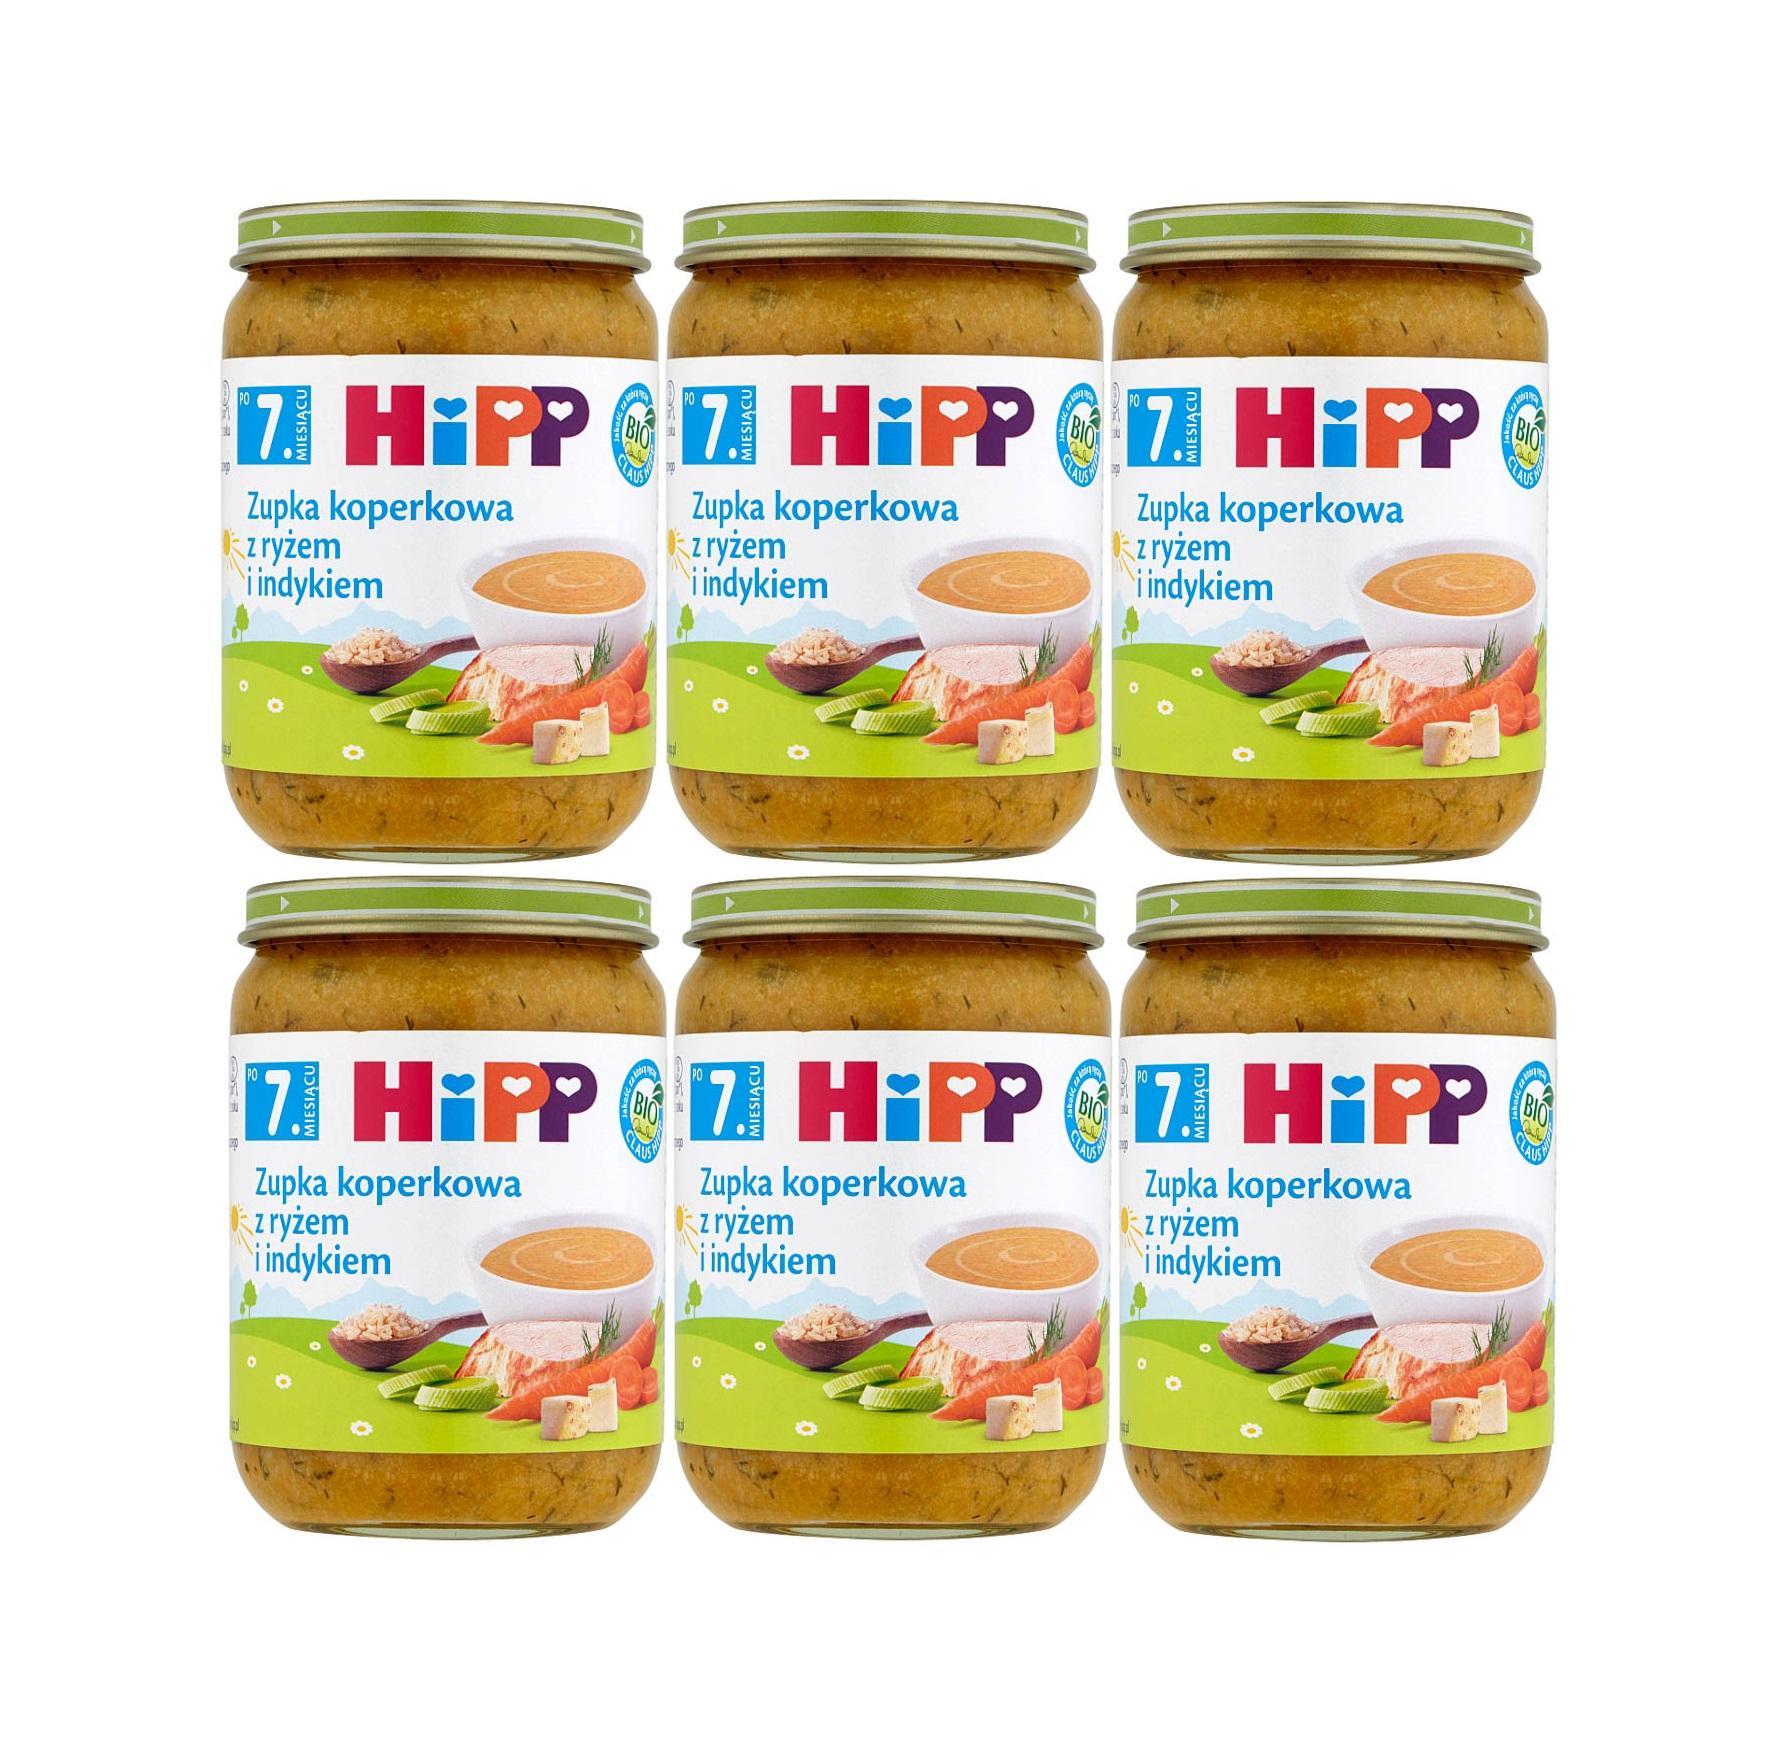 6 pak hipp 190 zupka koperkowa z ryzem i indykiem